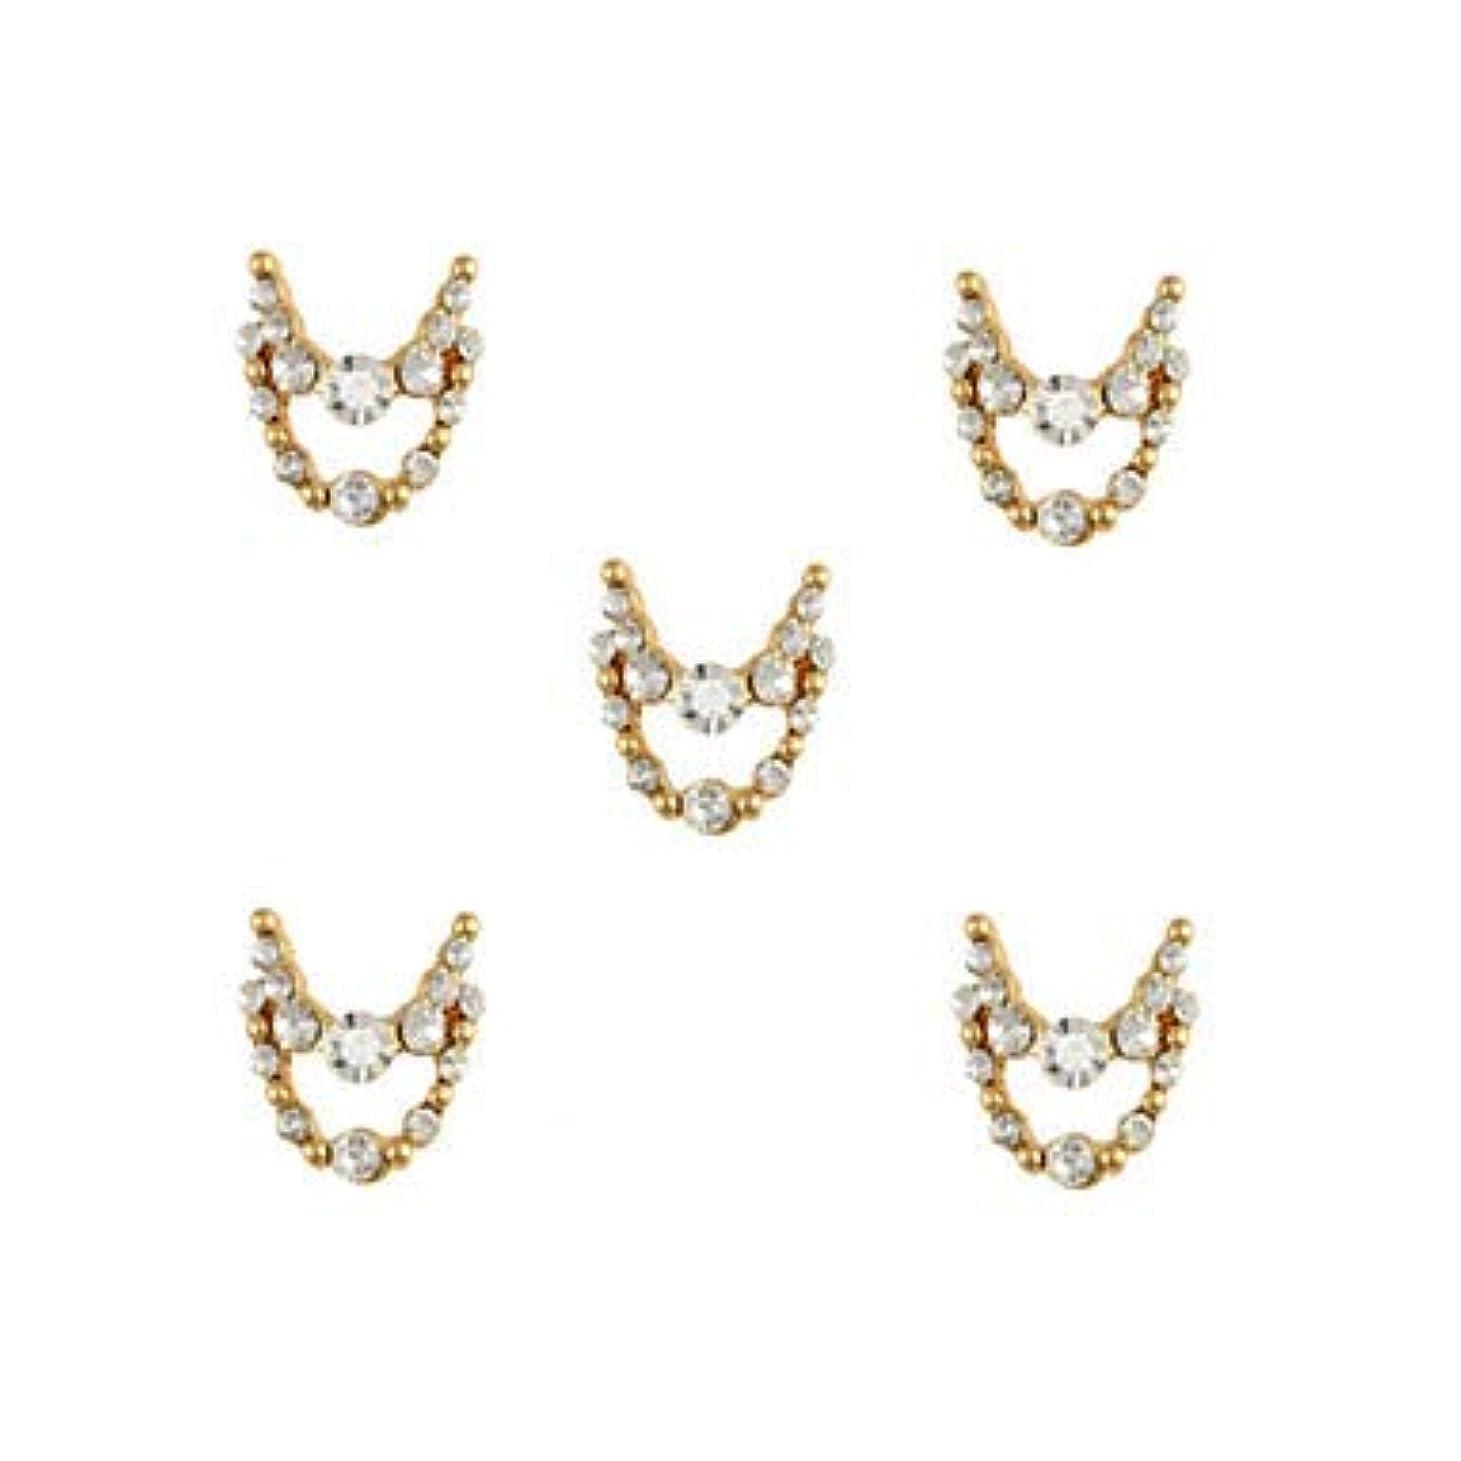 センチメンタル大陸アミューズ明確なラインストーン3dチャーム合金ネイルアートの装飾が付いている10個入りゴールドネックレスブラブラ